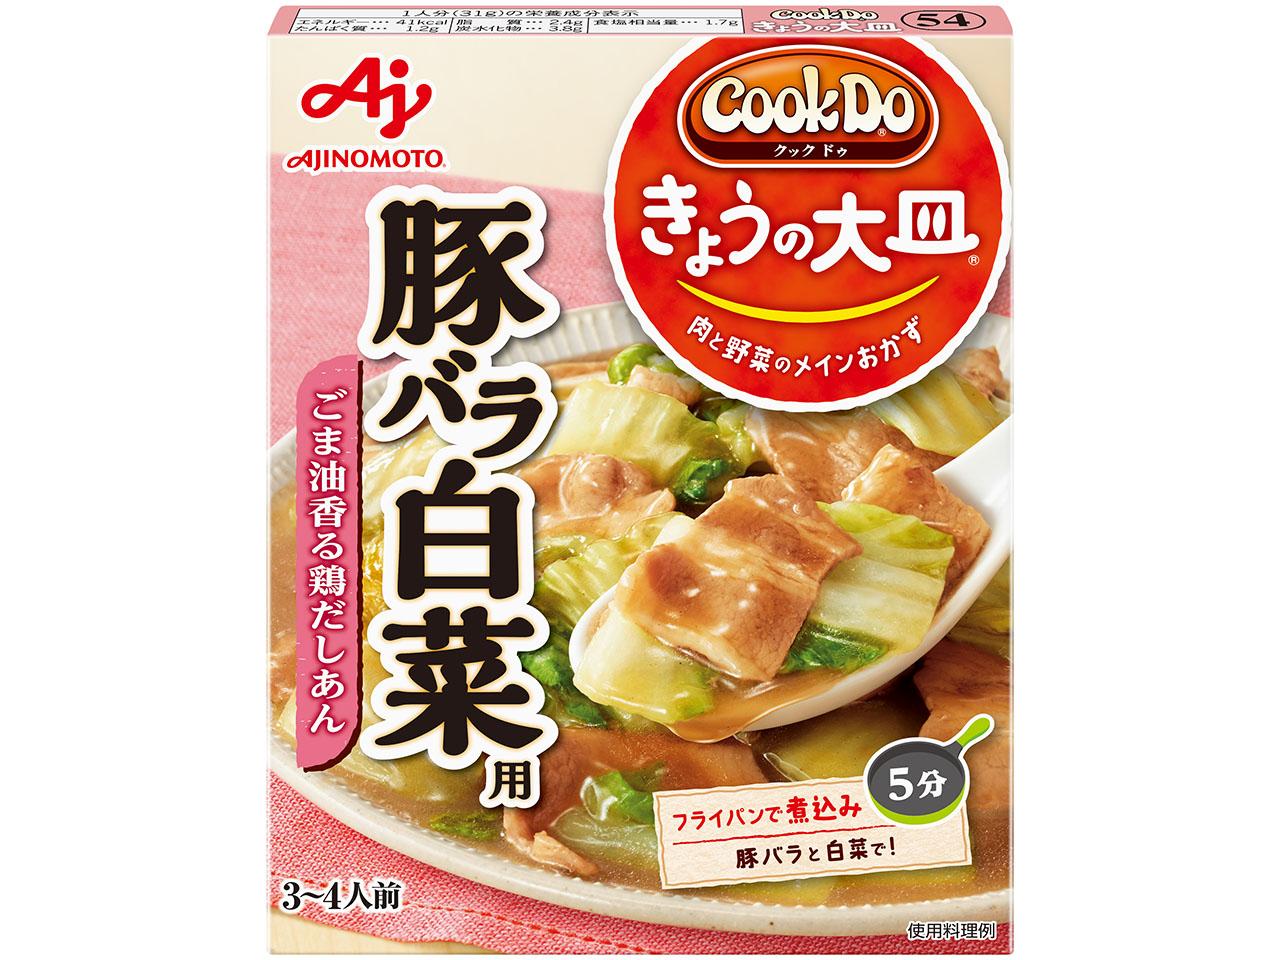 「Cook Doきょうの大皿」豚バラ白菜用